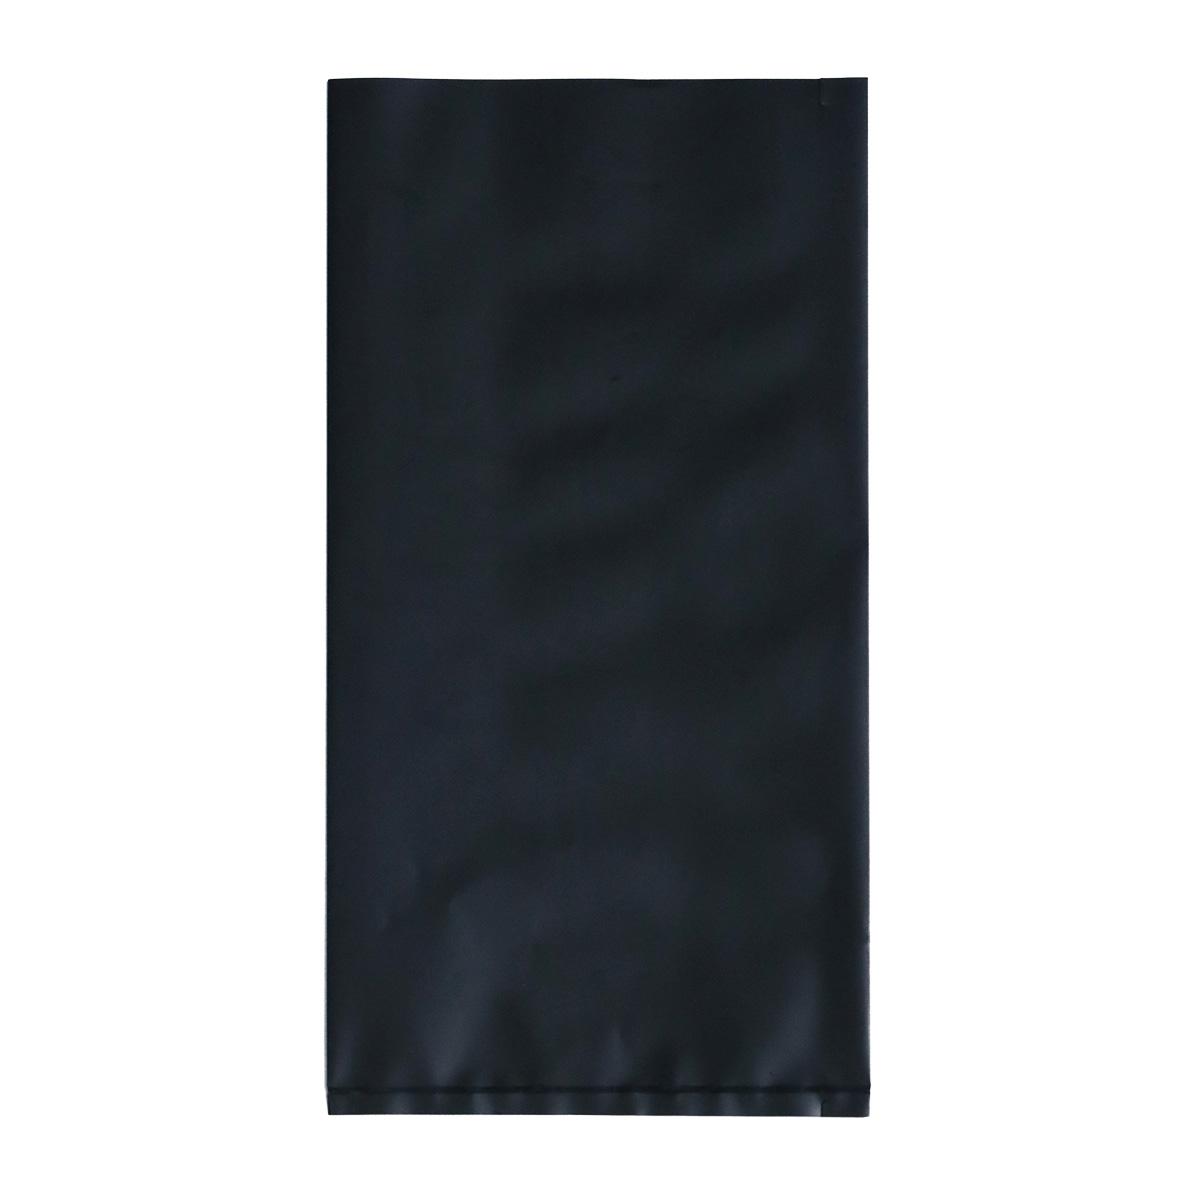 厂家批发导电袋_深圳哪里买品质良好的导电袋